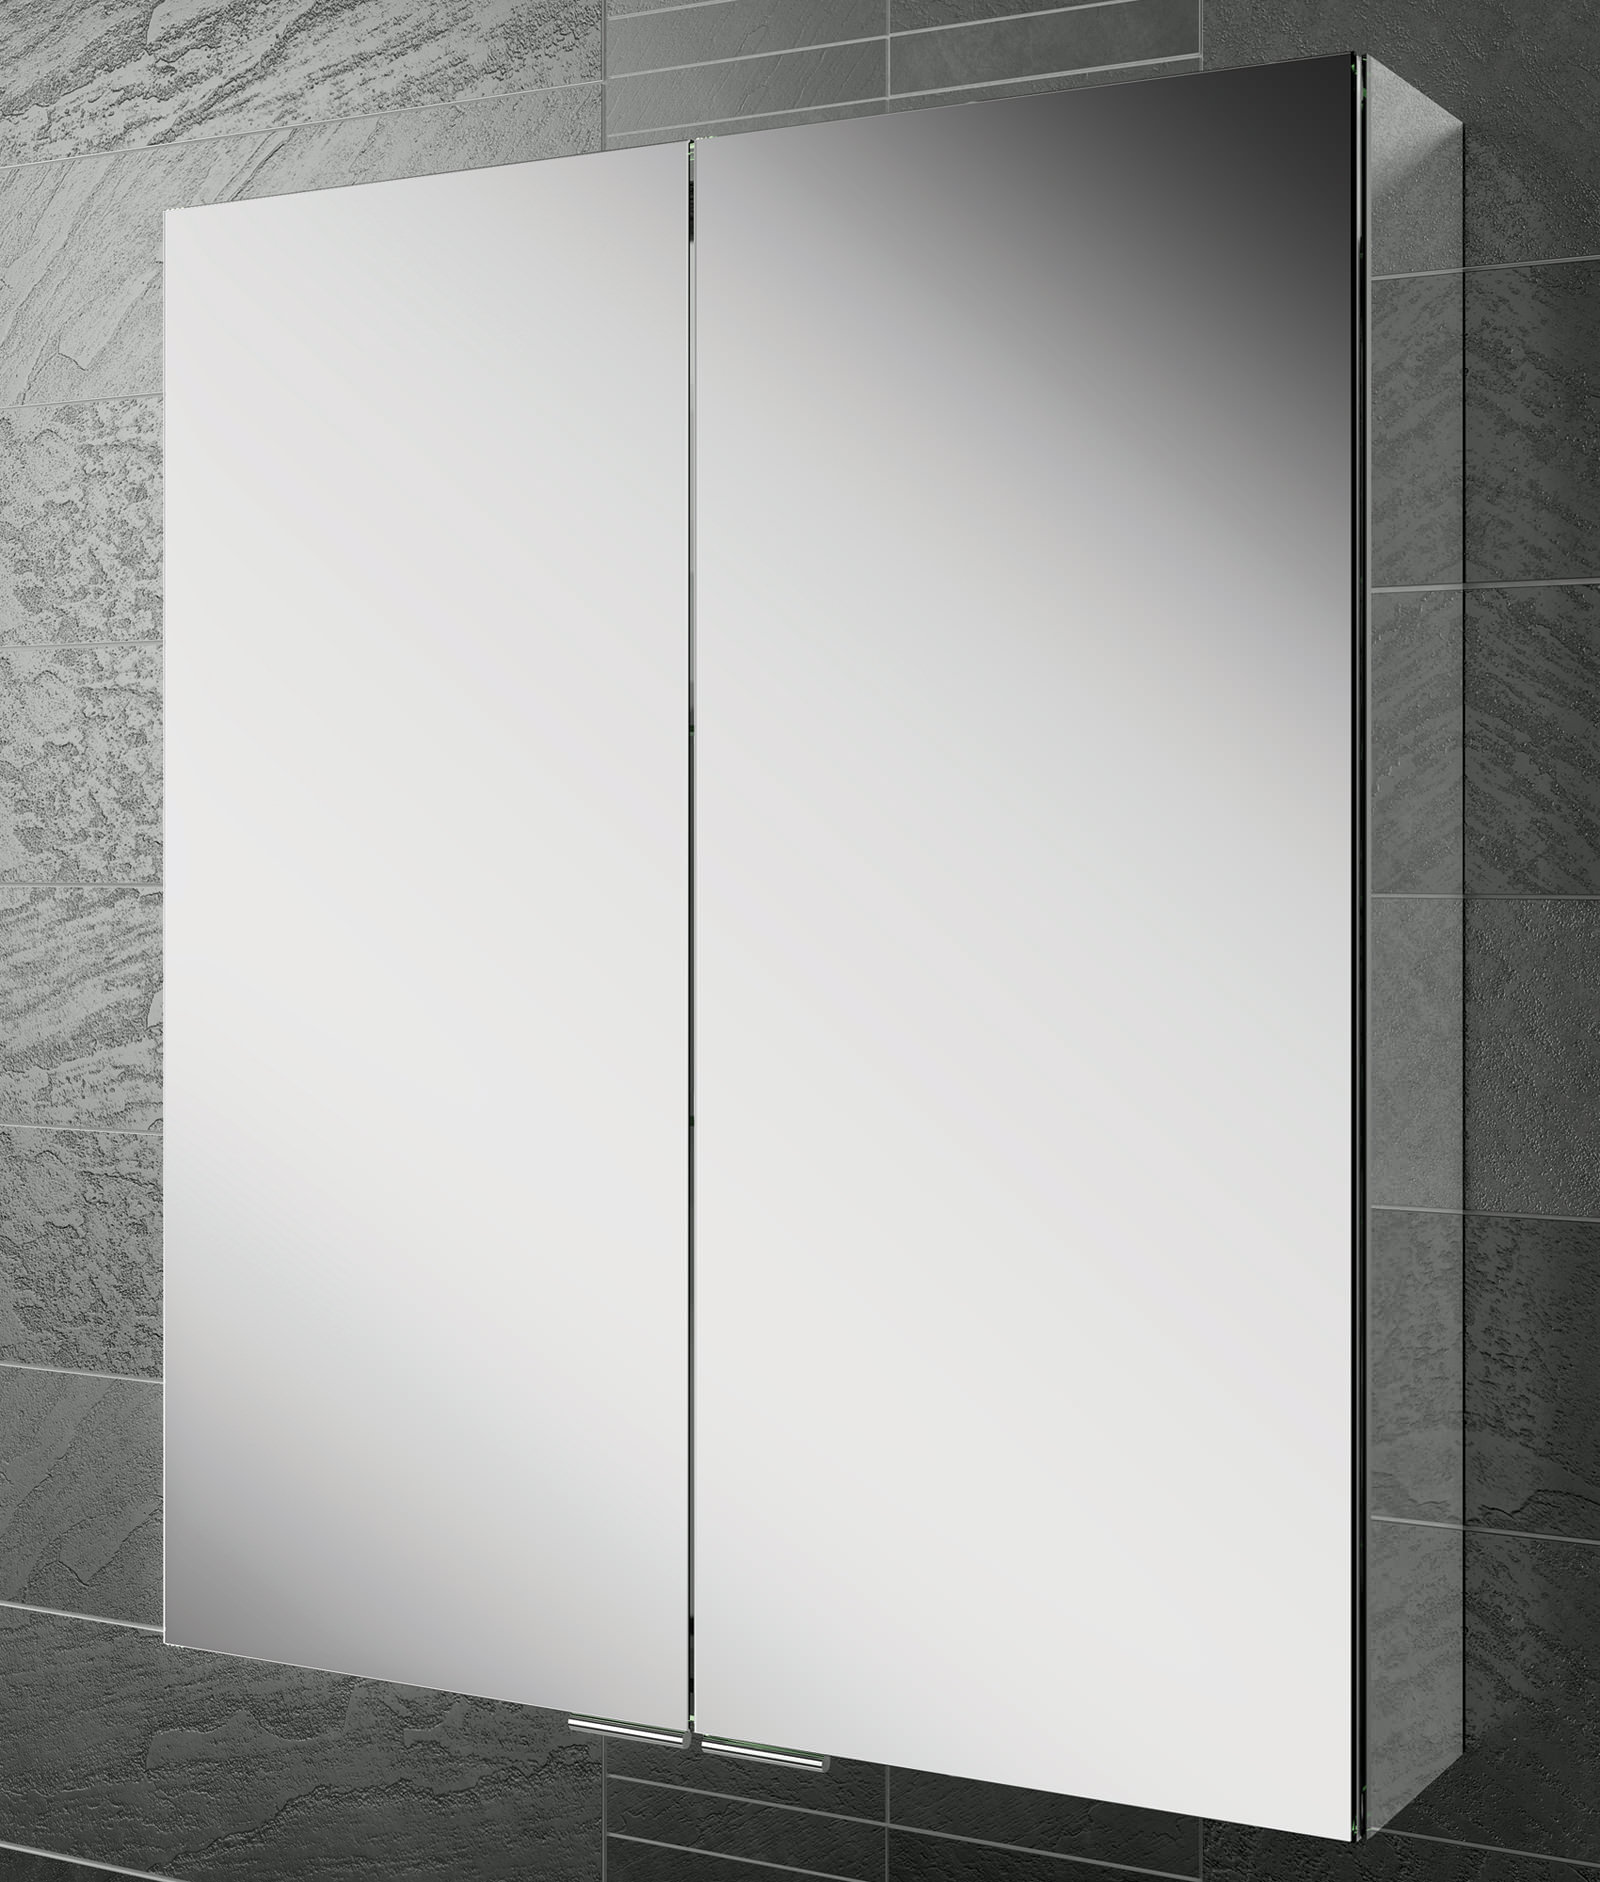 Hib Eris 60 Double Door Aluminium Mirrored Cabinet 600 X